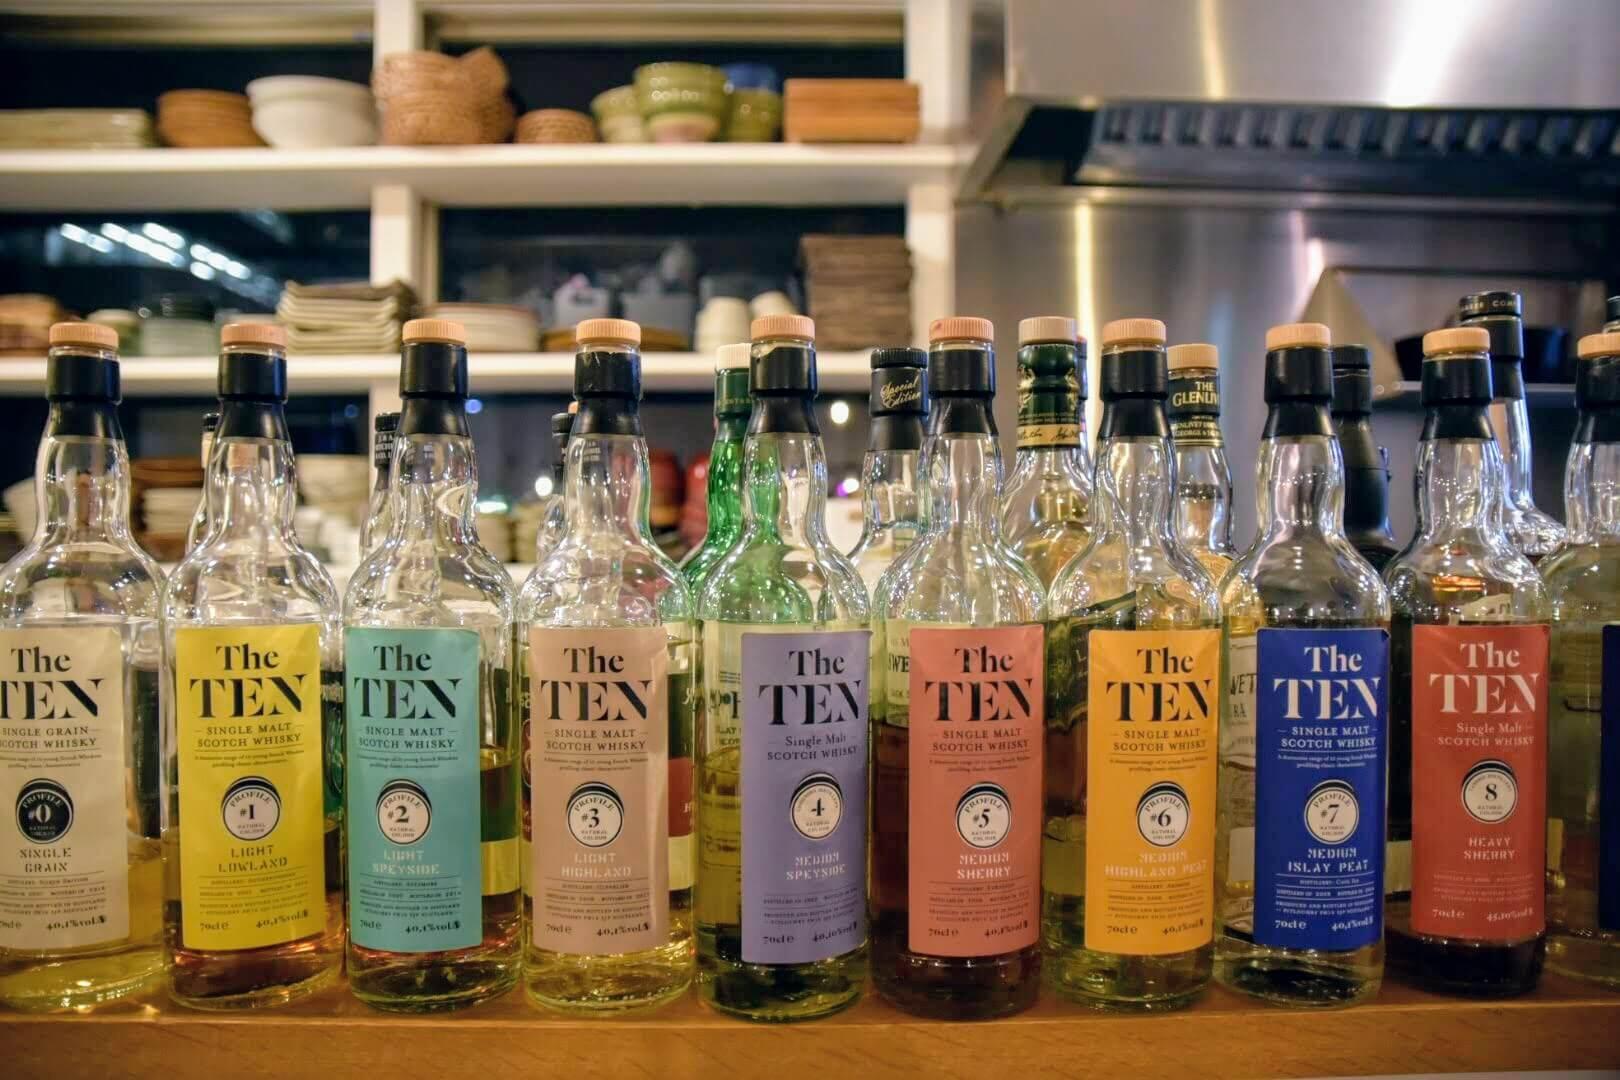 ラ・メゾン・ド・ウィスキー社のThe TENシリーズ